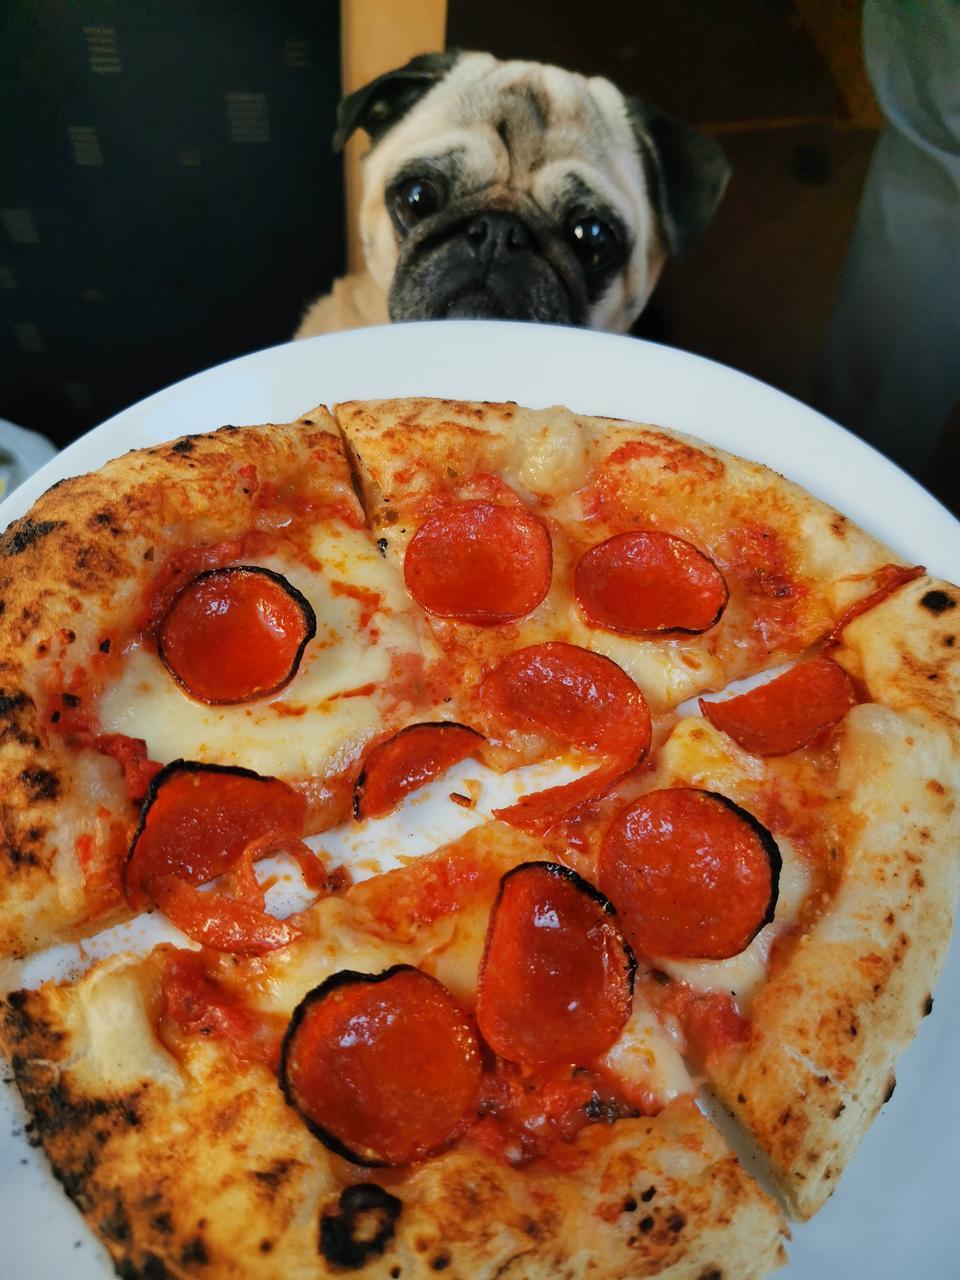 Perheen koira haaveilee pizzapalasta.